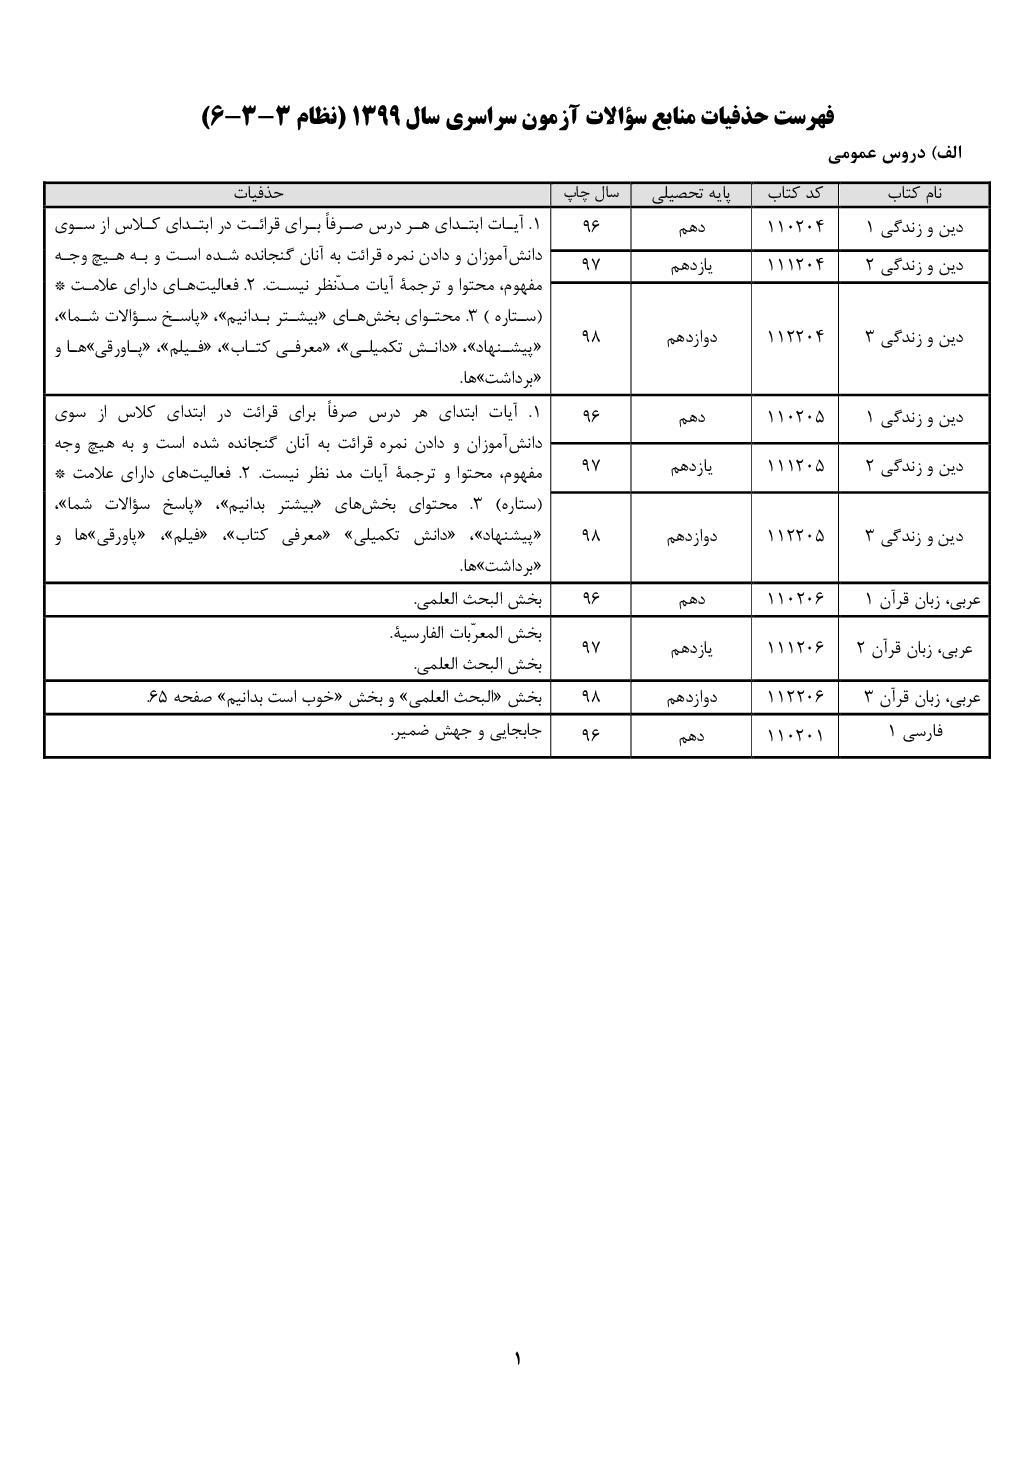 فهرست حذفیات منابع آزمون سراسری ۱۳۹۹ - نظام جدید (PDF)